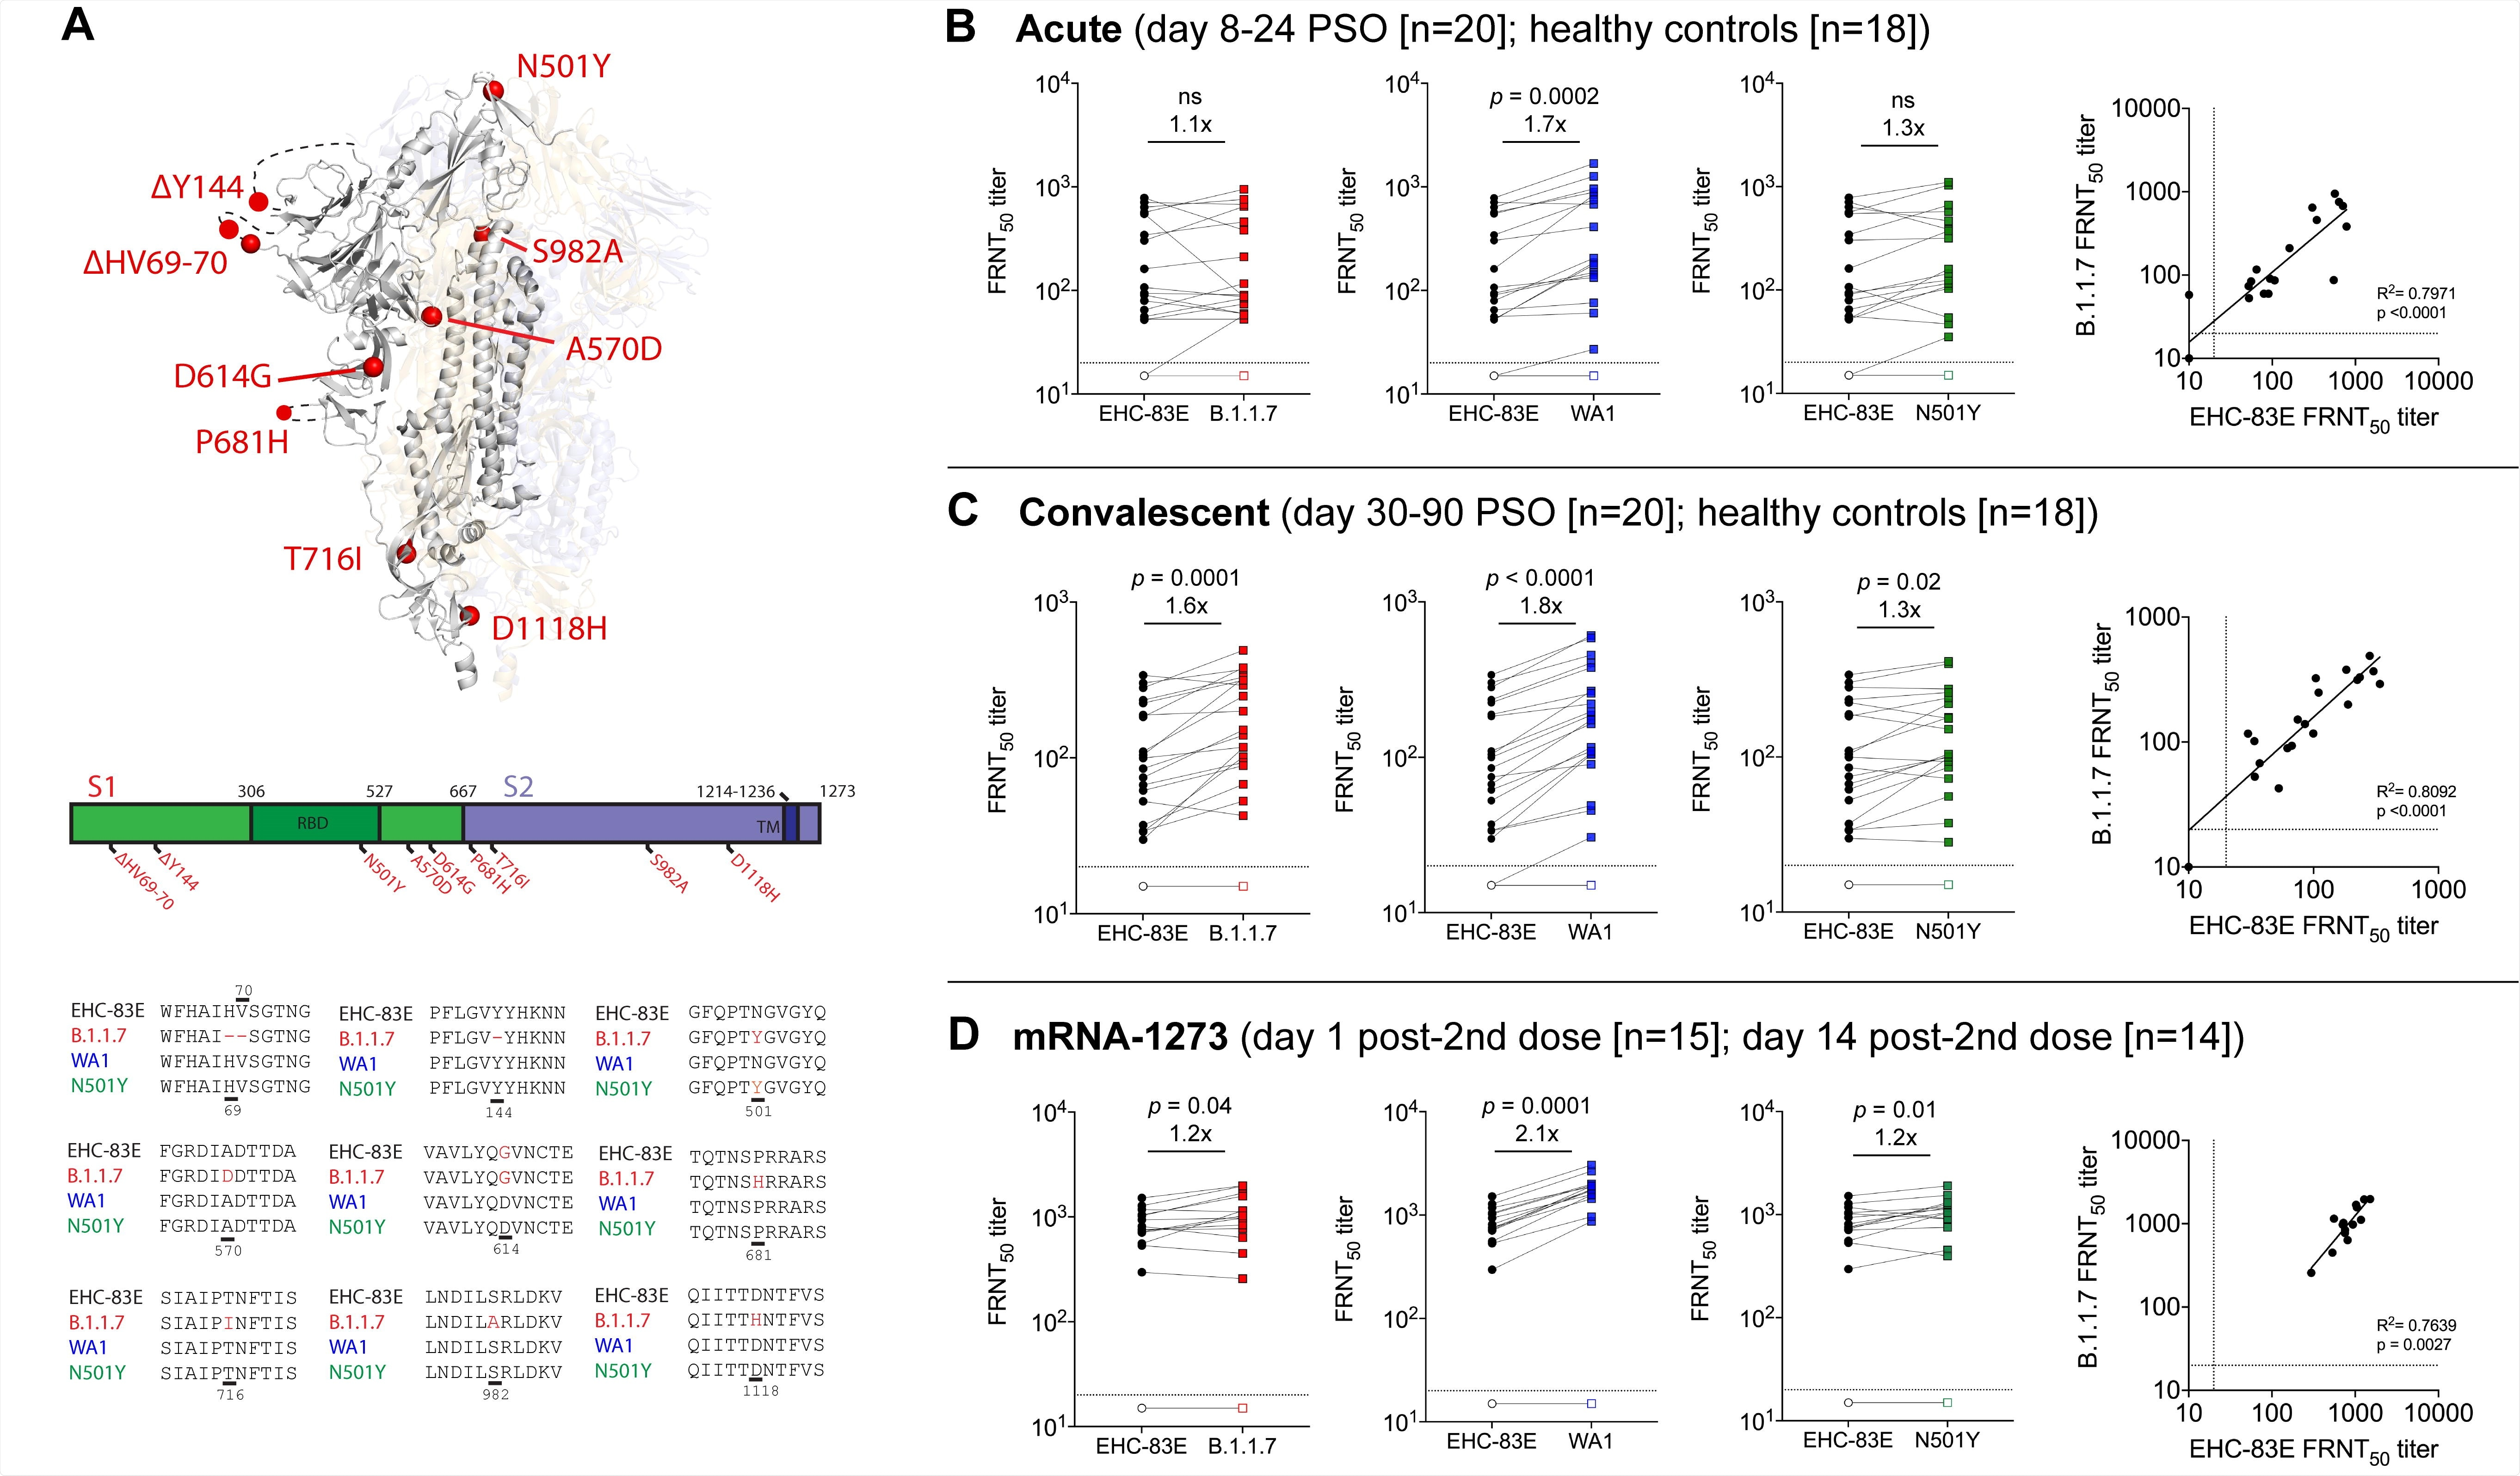 Respuestas de anticuerpos neutralizantes frente a la variante viral SARS-CoV-2 B.1.1.7.  Se muestran datos de las siguientes cohortes basadas en la infección natural: 20 pacientes COVID-19 con infección aguda (8-24 días PSO; símbolos cerrados), 20 individuos convalecientes COVID-19 (30-90 días PSO, símbolos cerrados) 18 controles sanos ( símbolos abiertos);  e individuos que recibieron 100 ug de ARNm-1273 (de 18 a 55 años) el día 1 después de la segunda dosis (15 participantes; símbolos abiertos) y el día 15 después de la segunda dosis (14 participantes; símbolos cerrados).  Se muestra un esquema de los cambios de aminoácidos dentro de la proteína de pico entre las variantes de SARS-CoV-2 (Panel A);  El título inhibidor del 50% (FRNT50) en el ensayo de neutralización por reducción de enfoque (FRNT) para las variantes EHC-83E (negro), B.1.1.7 (rojo), WA1 (azul) y N501Y (verde) del SARS-CoV-2 y se muestran gráficos de correlación entre los virus EHC-83E y B.1.1.7 para los pacientes con infección aguda de COVID-19 (Panel B), individuos convalecientes con COVID-19 (Panel C) e individuos vacunados con ARNm-1273 (Panel D).  La significación estadística se determinó utilizando una prueba t pareada de Wilcoxon.  En cada uno de los gráficos se muestra el cambio de veces de GMT para los respectivos aislamientos en relación con EHC-83E.